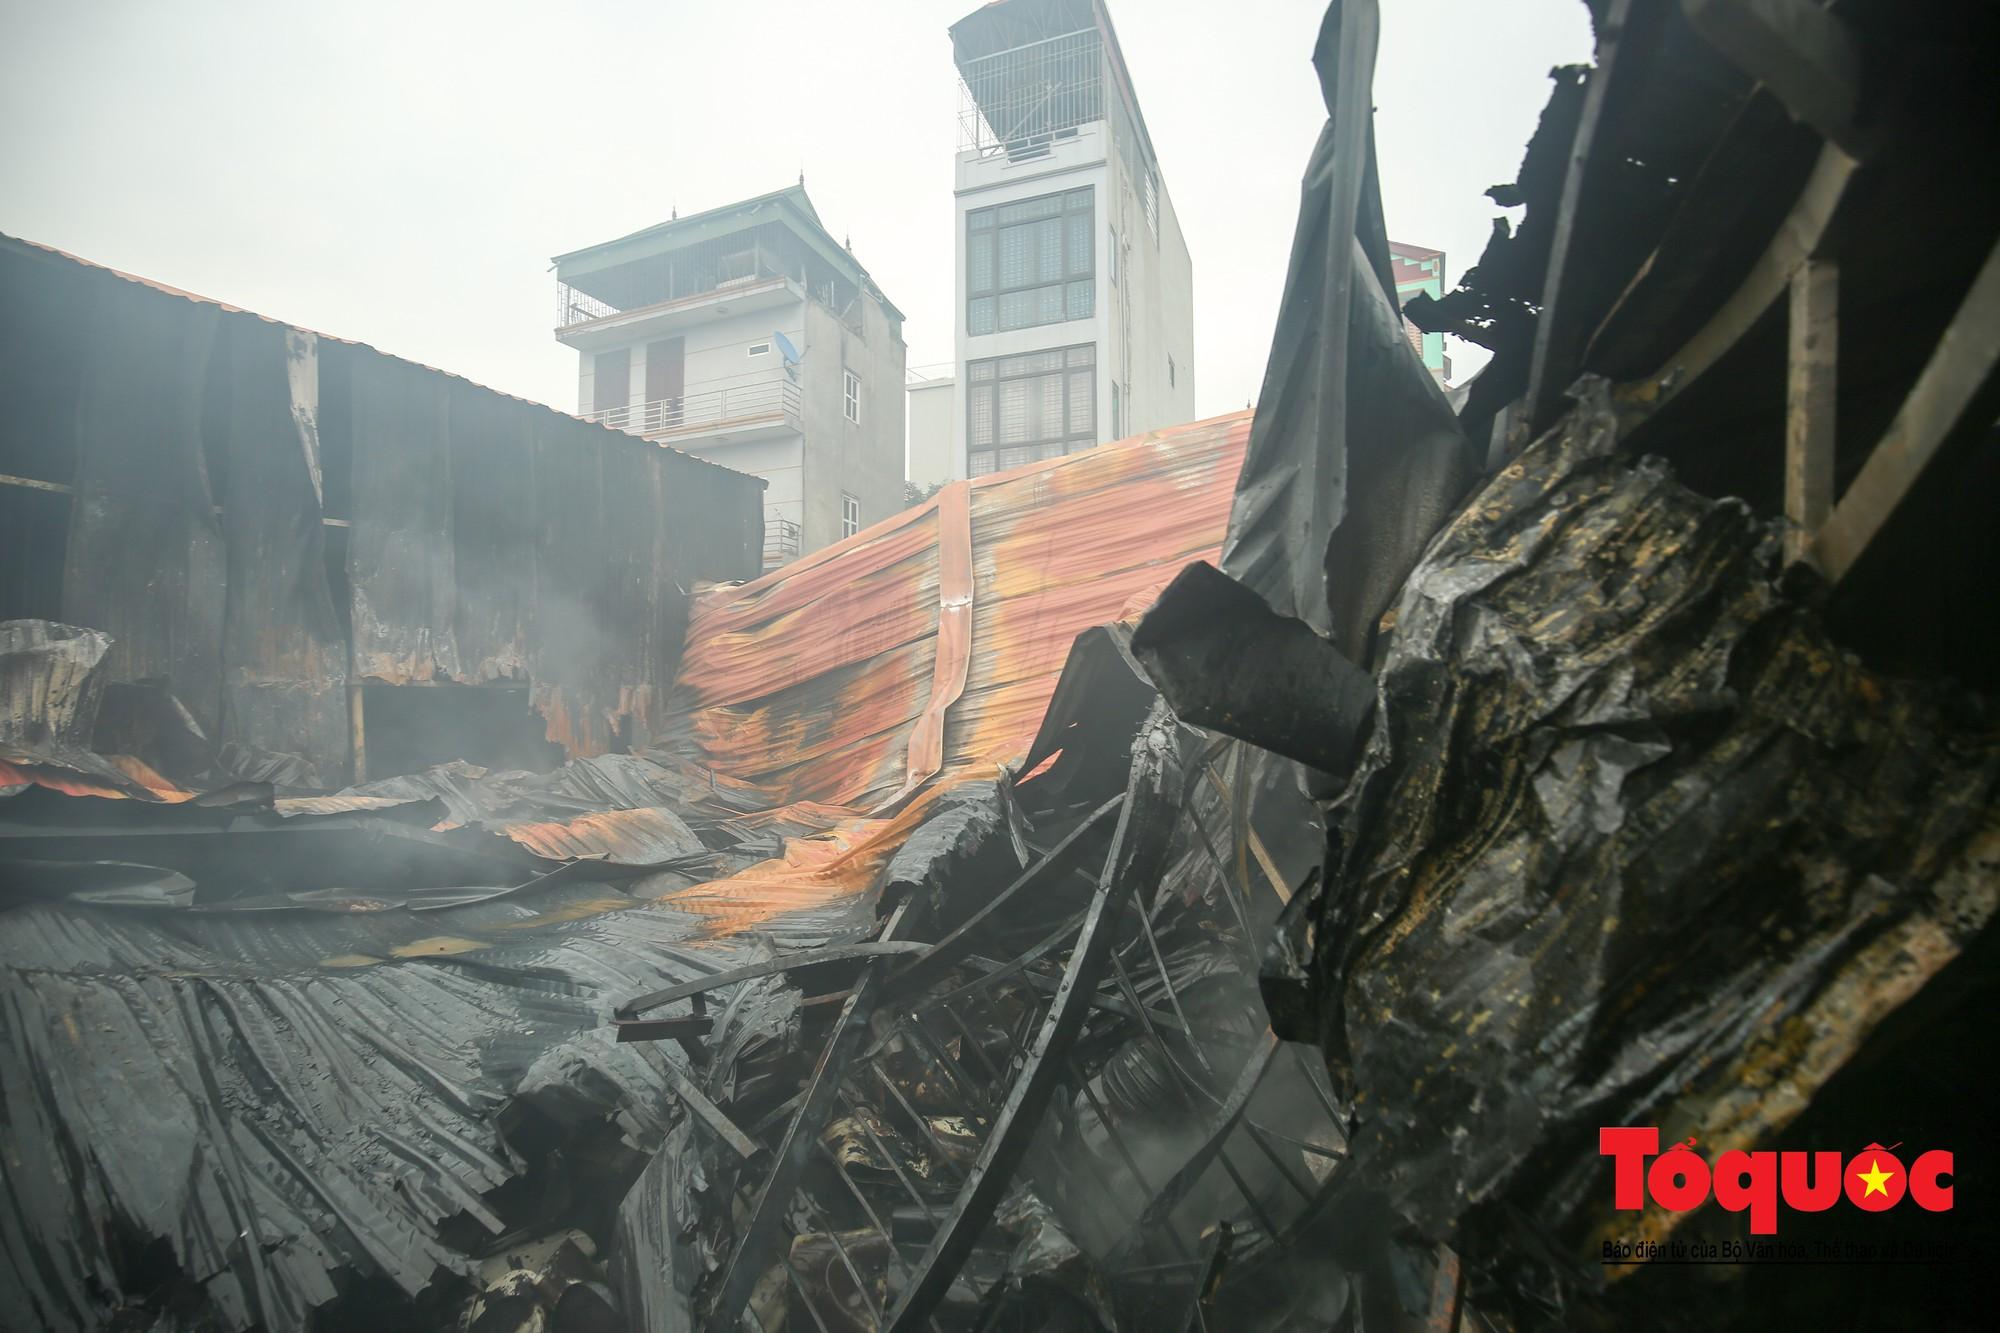 Cận cảnh hiện trường vụ Cháy thảm khốc ở Trung Văn, 8 người chết và mất tích - Ảnh 1.